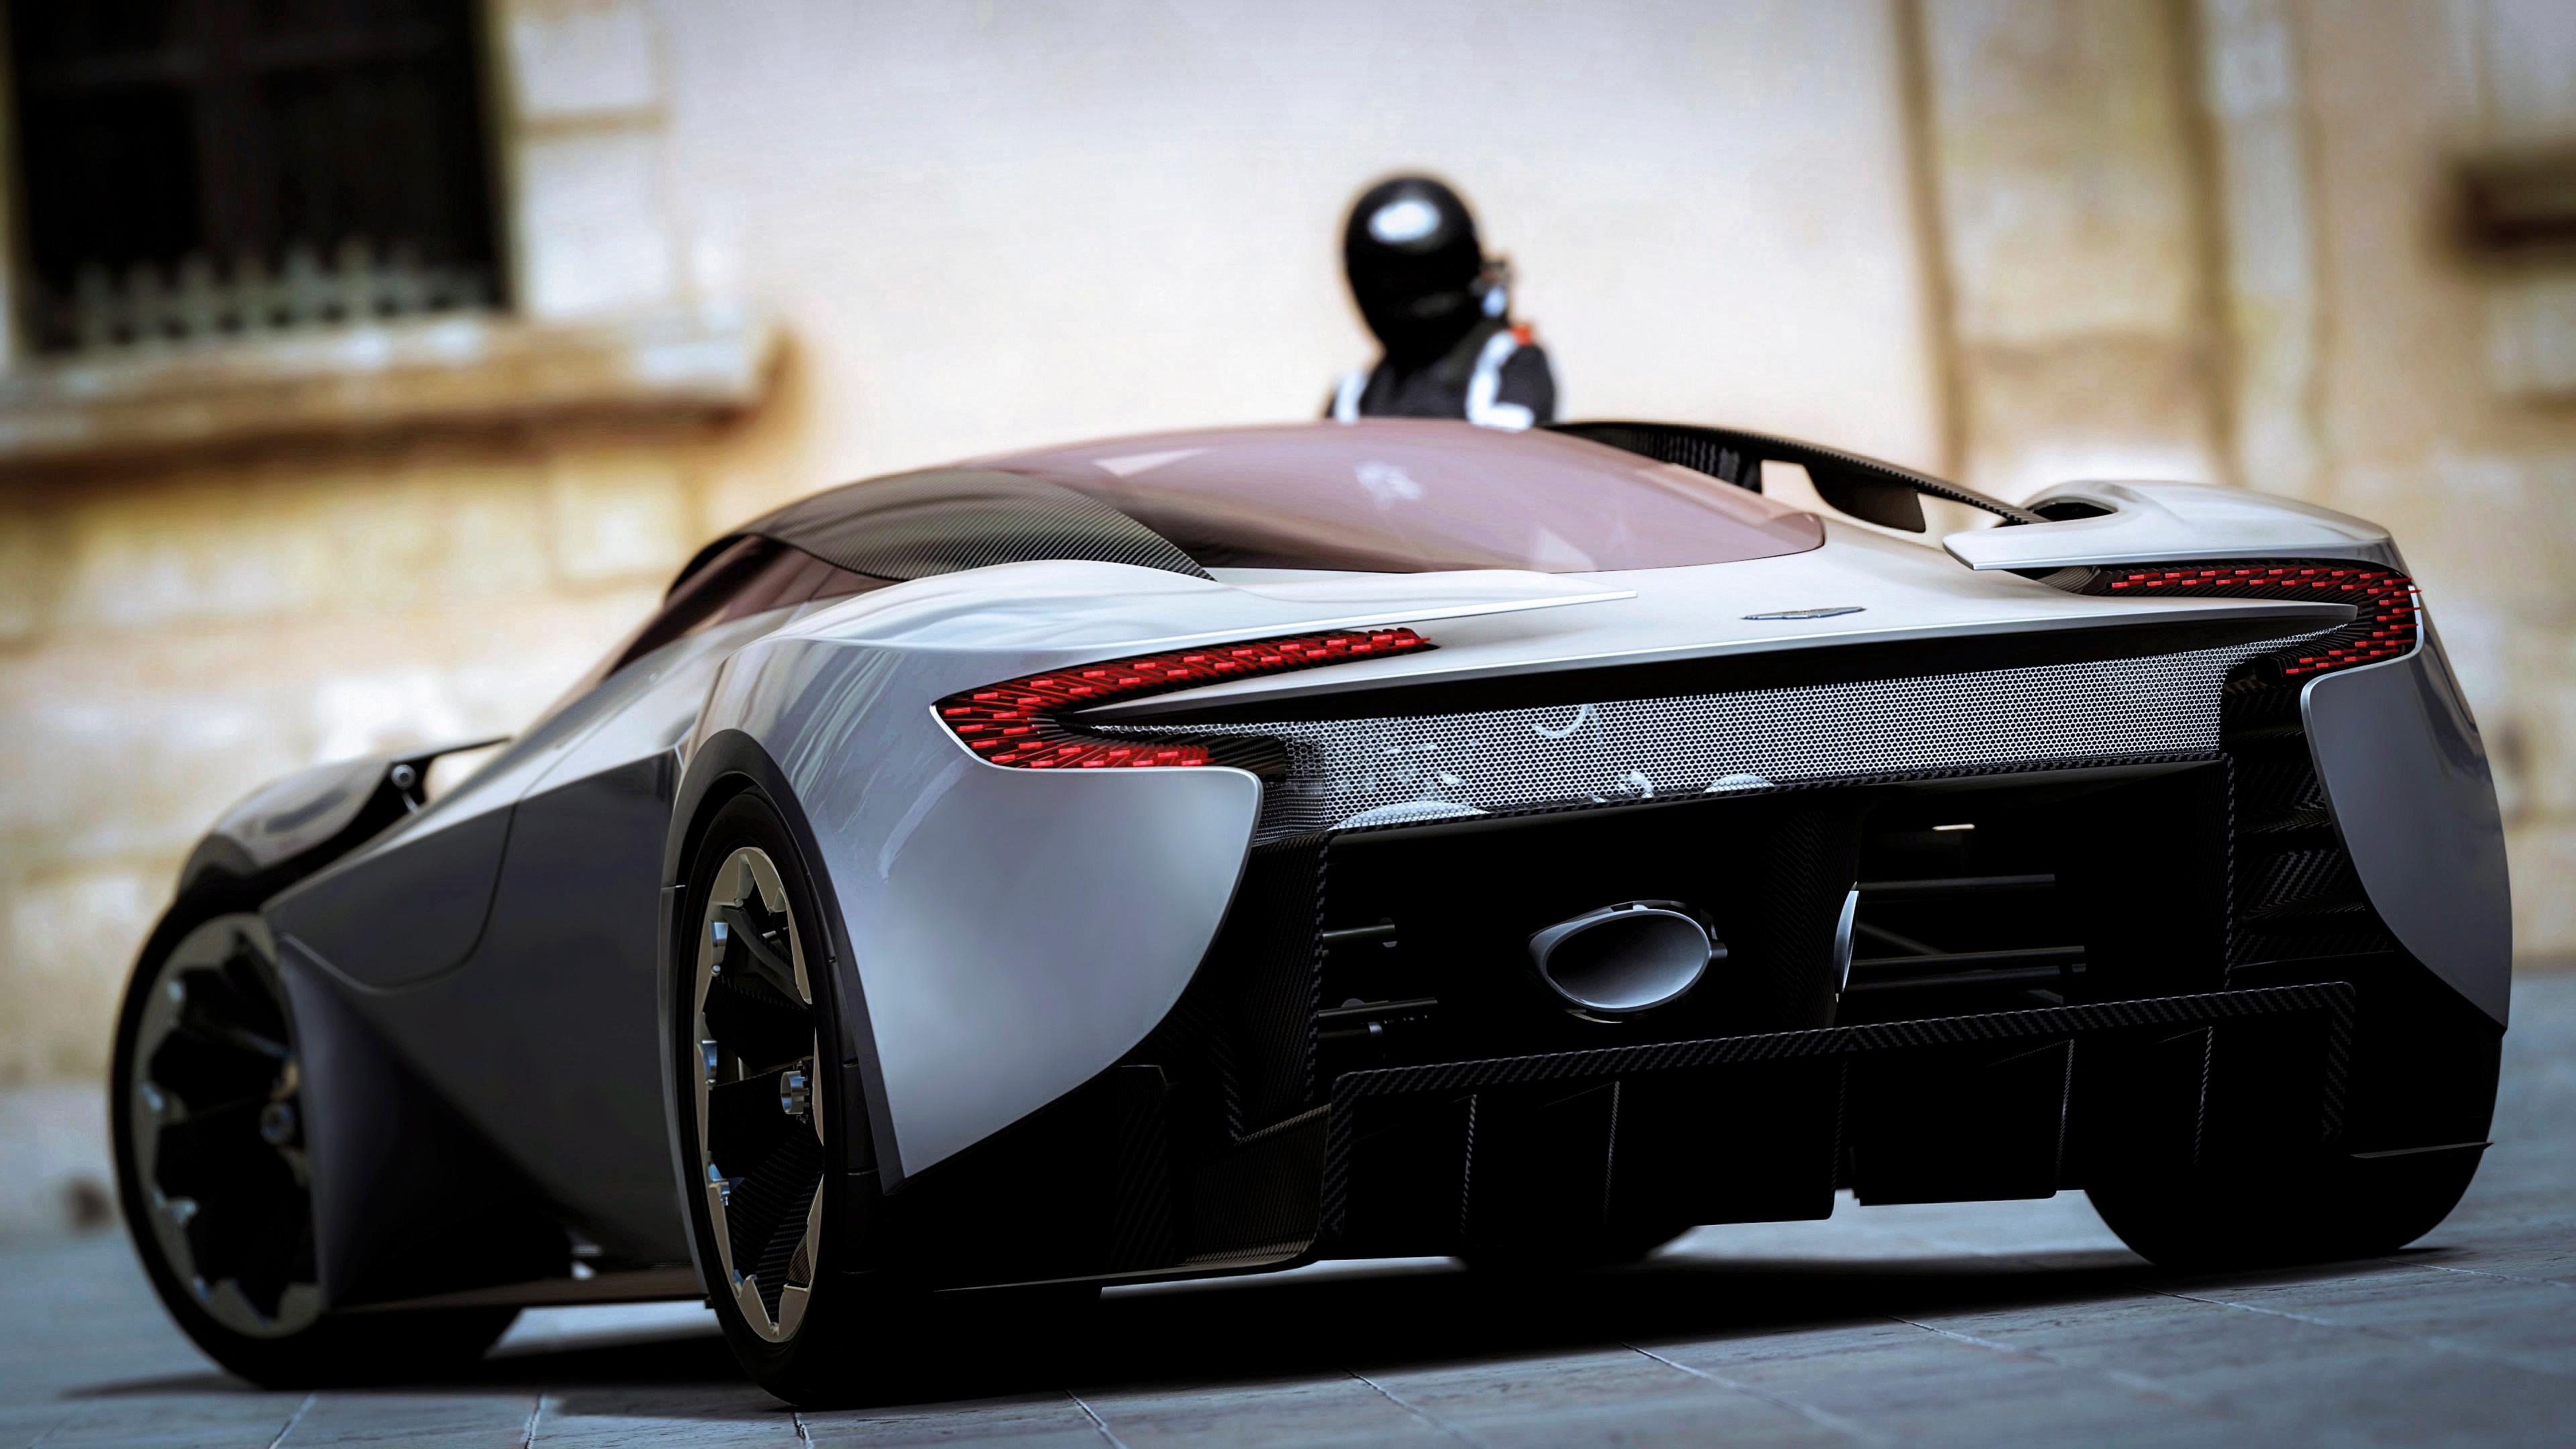 Aston Martin, Rear View, Black, Sports Car 4k Rear View